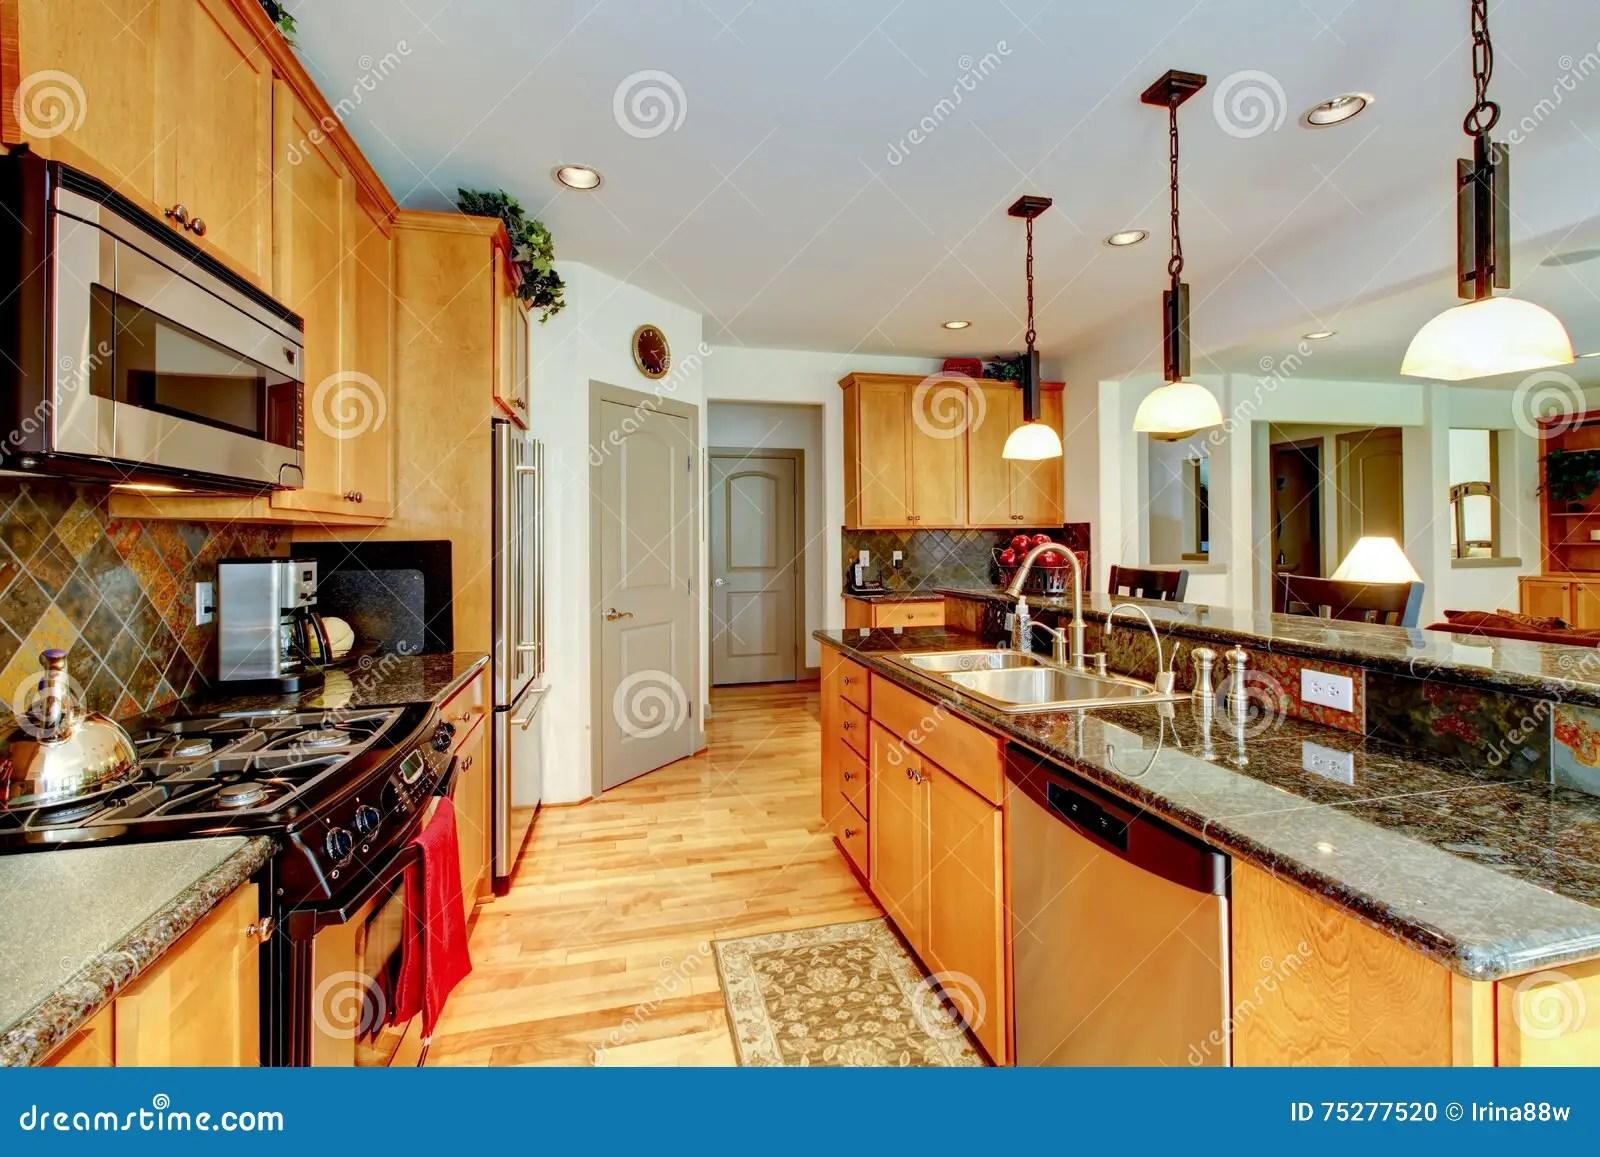 brown kitchen sink rustic alder cabinets 有棕色内阁的厨房室 不锈钢 花岗岩桌面库存照片 图片包括有设计 水槽 厨房与浅褐色的内阁 不锈钢和花岗岩桌面的室内部西北 美国